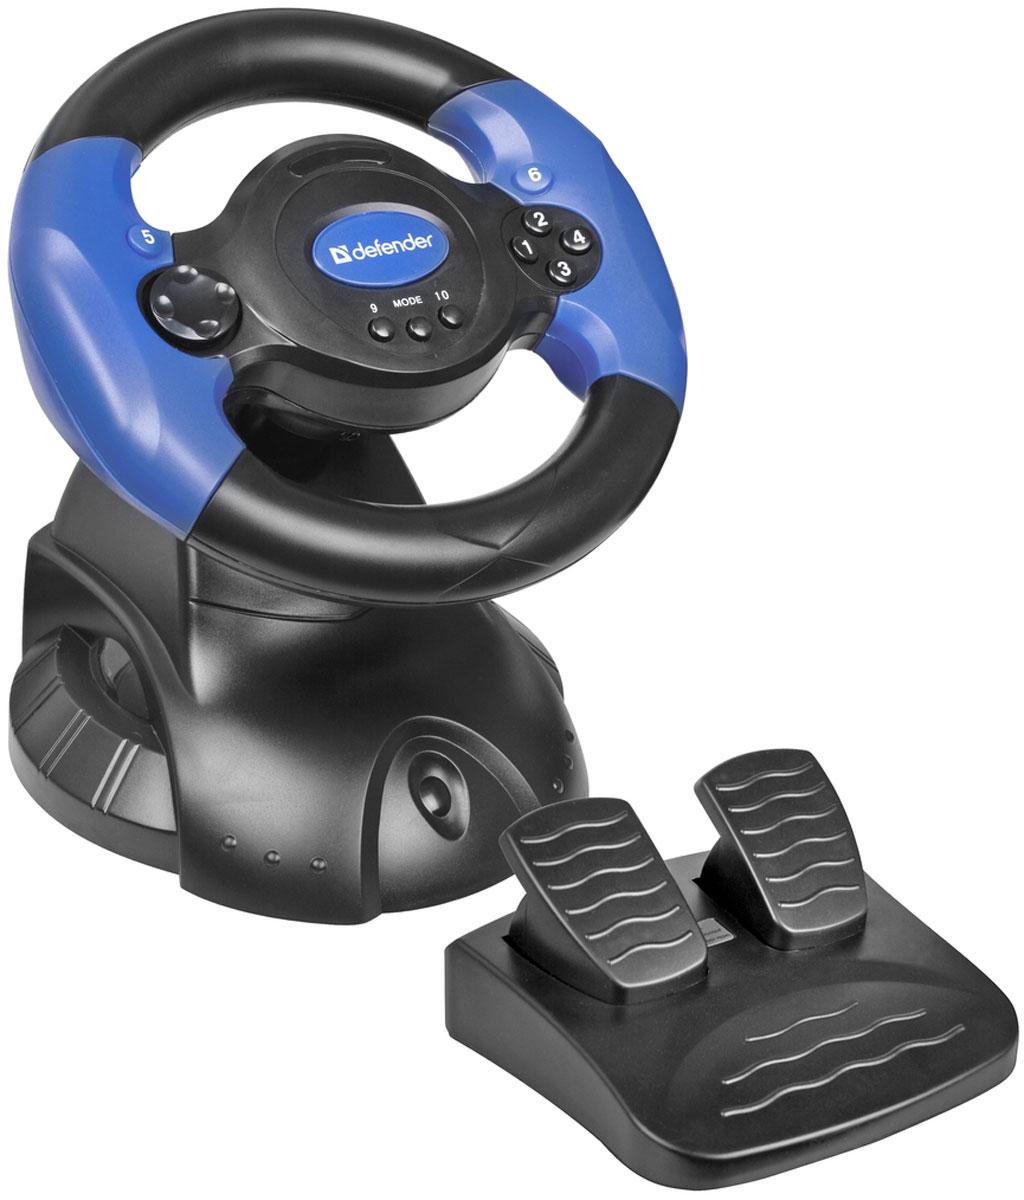 Defender Adrenaline Mini LE USB игровой руль64391Мини - руль Defender Adrenaline Mini LE USB отлично подойдет геймерам, увлекающимся играми на тему автогонок и является отличным вариантом для молодой семьи, где есть маленькие дети. Ведь не всегда крупный руль уместен в небольших комнатах, где порой его просто негде разместить! Данная модель имеет резиновую оплетку, предотвращающую выскальзывание руля из рук и подключается к ПК при помощи соединения USB. Надежное крепление к столу при помощи присосок Диаметр рулевого колеса: 200 мм Угол поворота рулевого колеса: 180 ° Тип датчика: резистивный